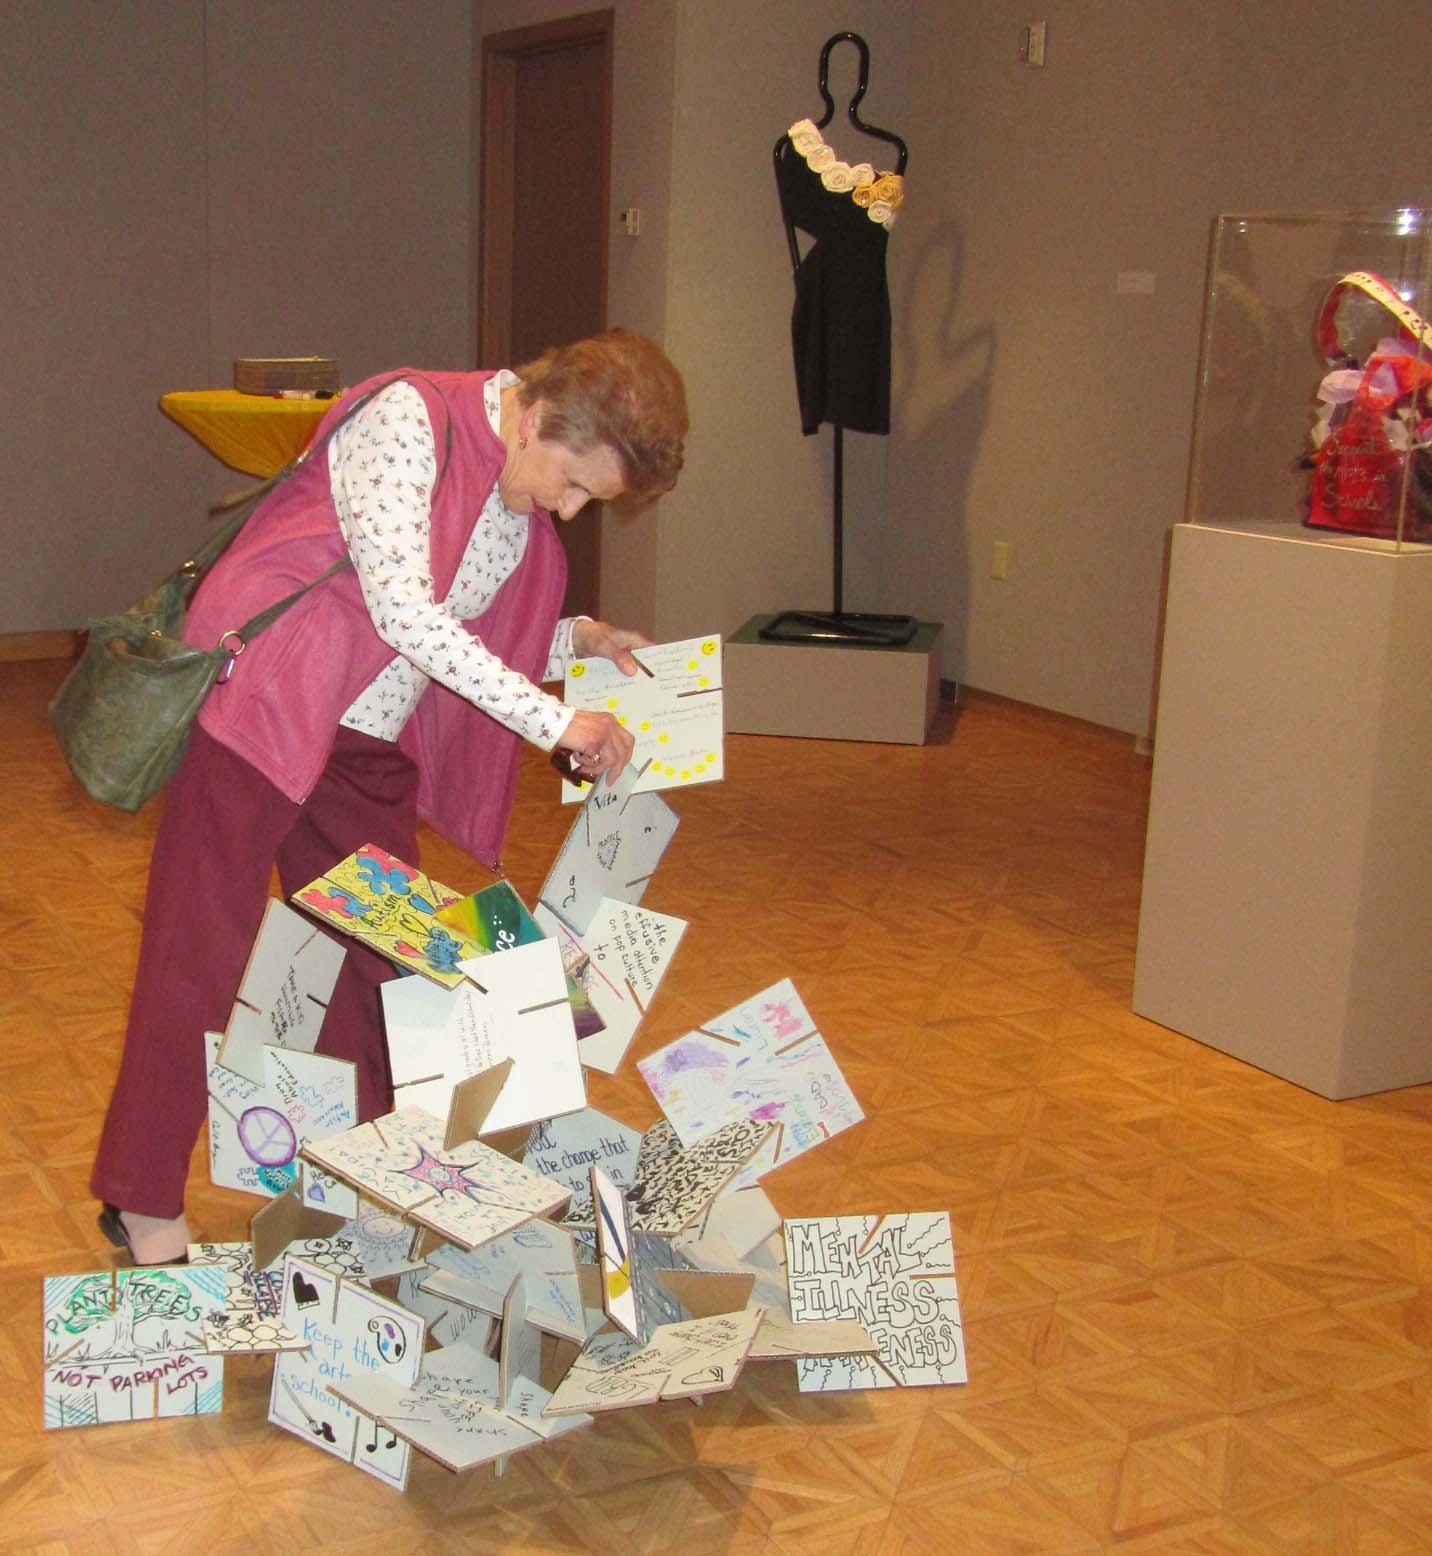 Participatory puzzle sculpture